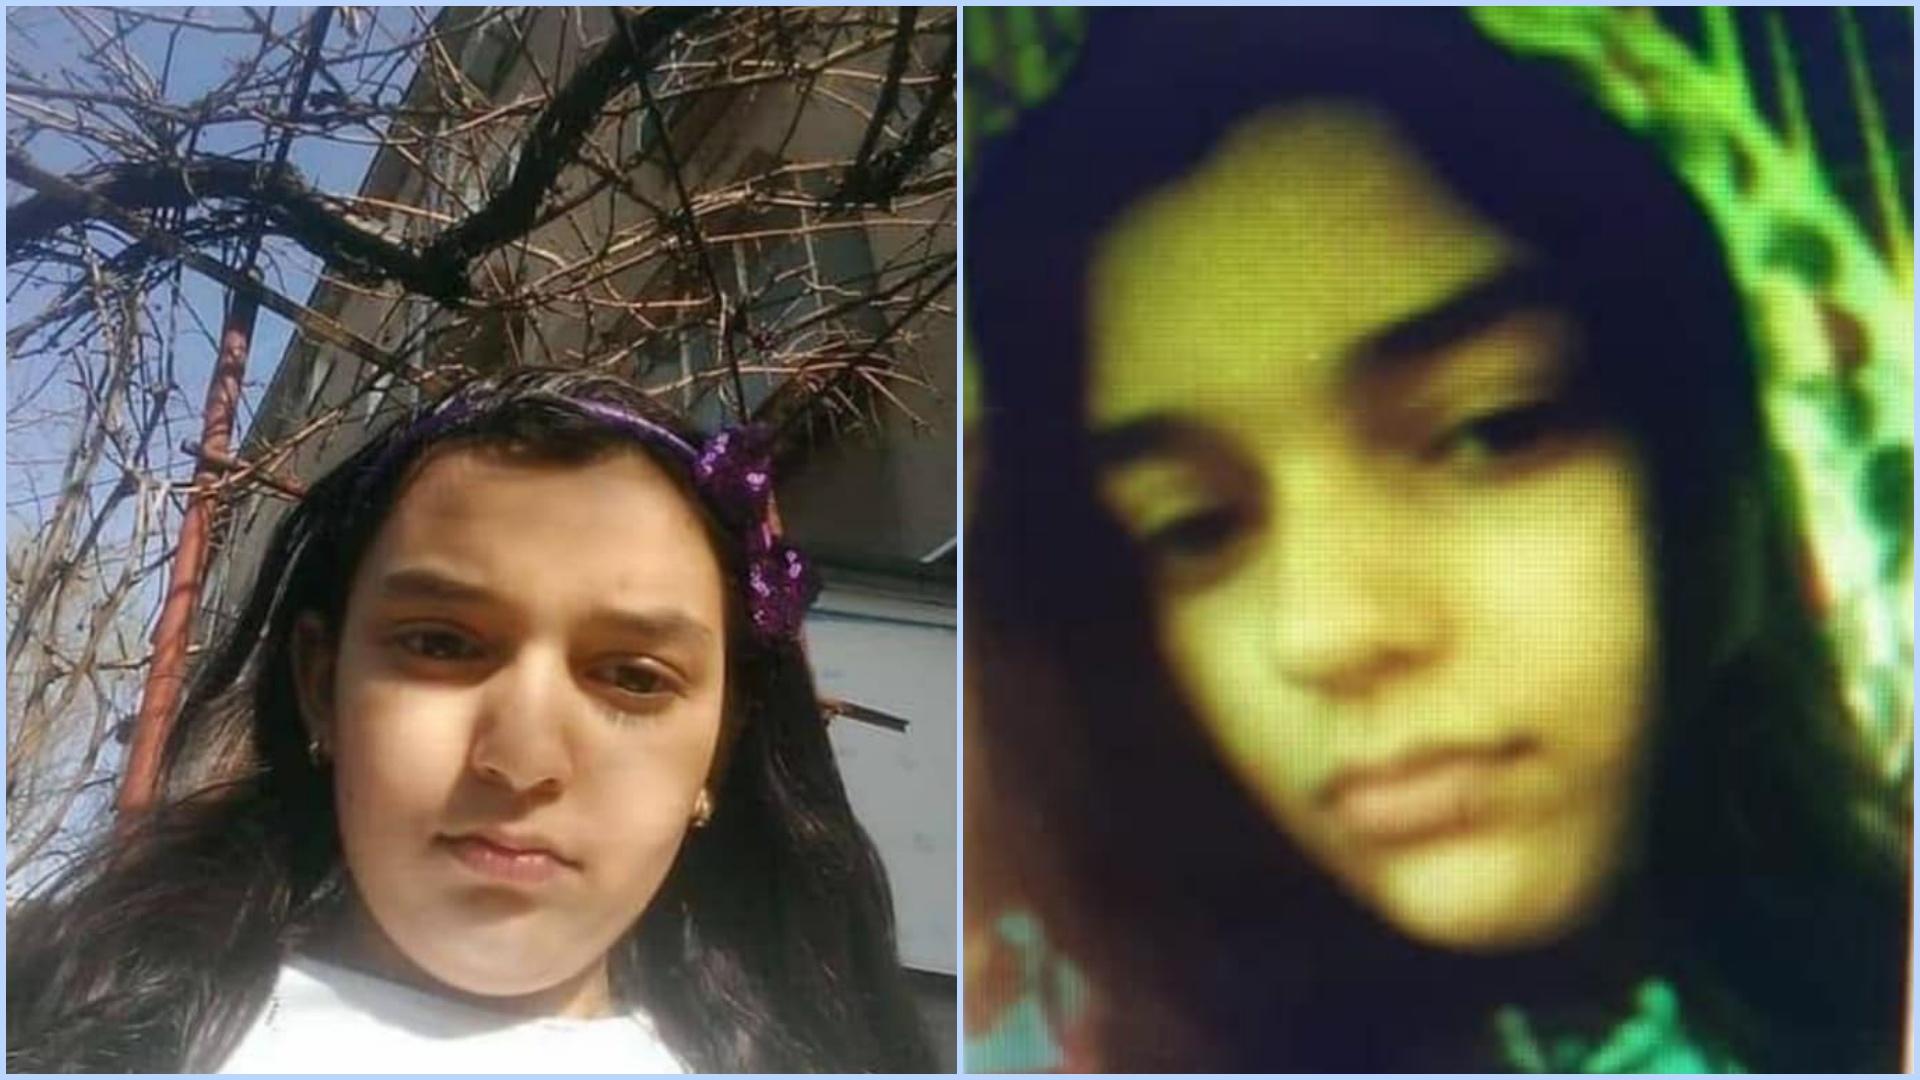 Alertă în Capitală! O fetiță de 11 ani a dispărut, autoritățile cer ajutorul cetățenilor